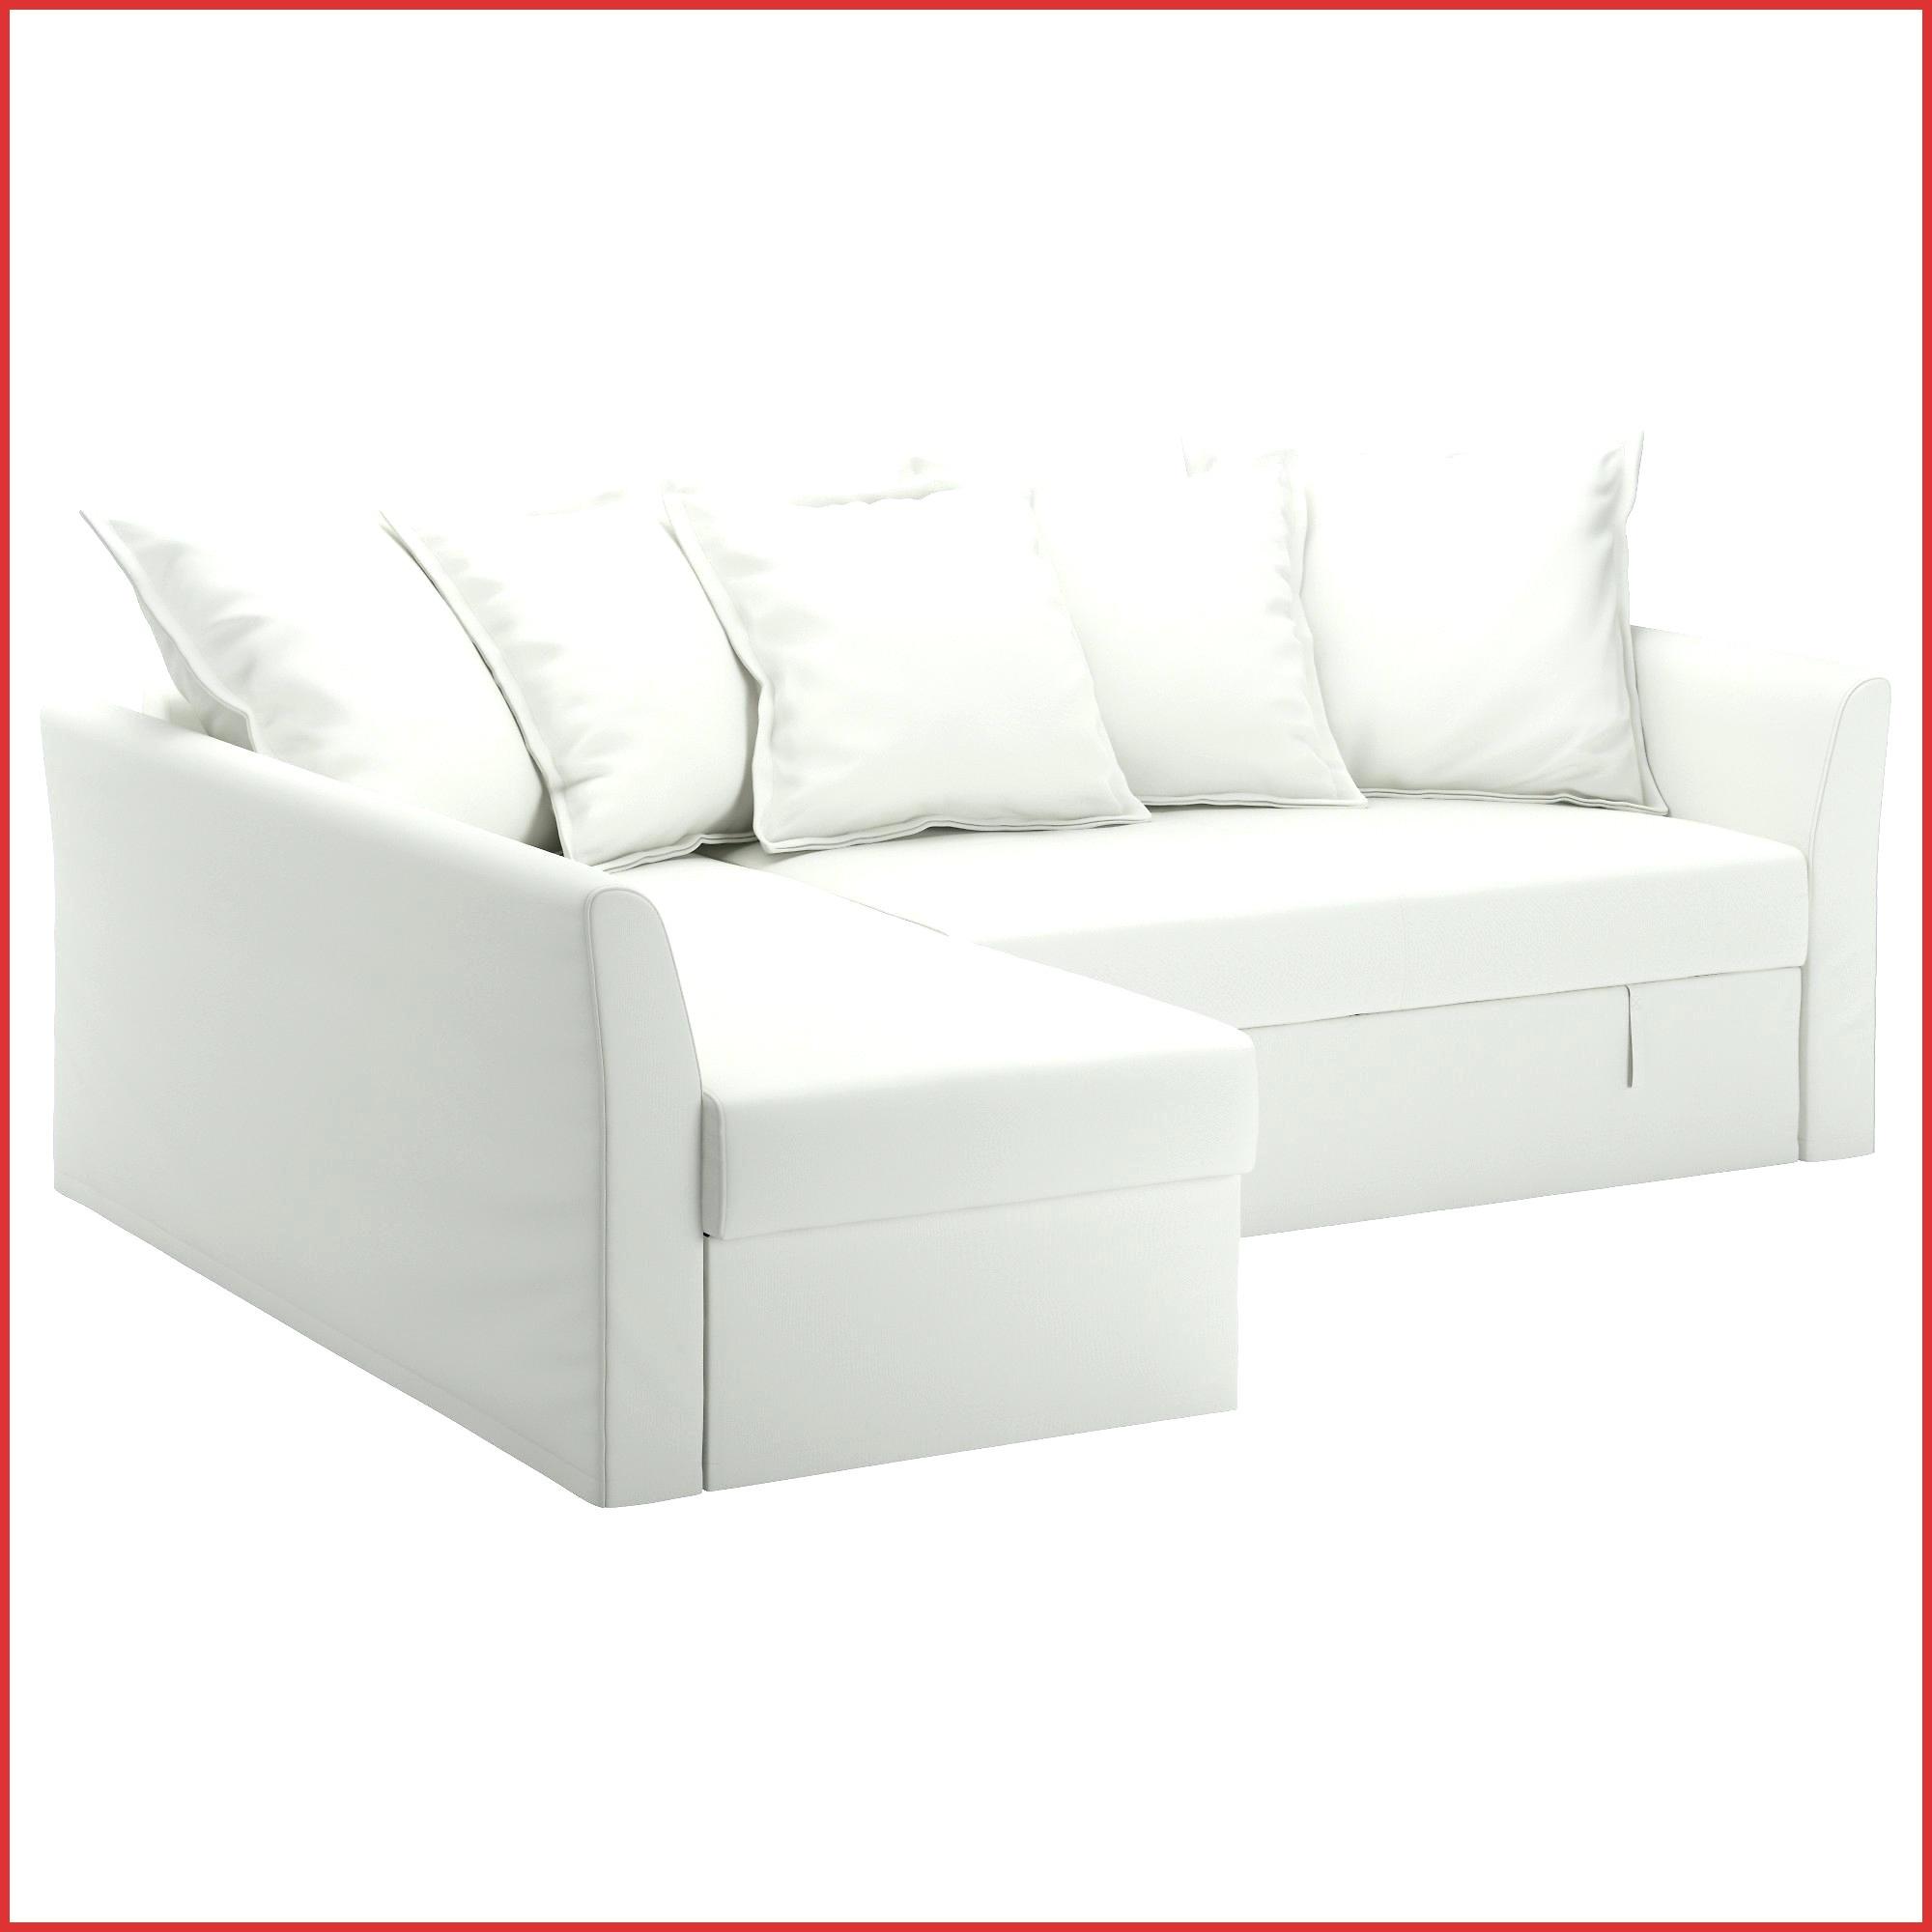 housse bz pas cher ikea meilleur de photos matelas design. Black Bedroom Furniture Sets. Home Design Ideas